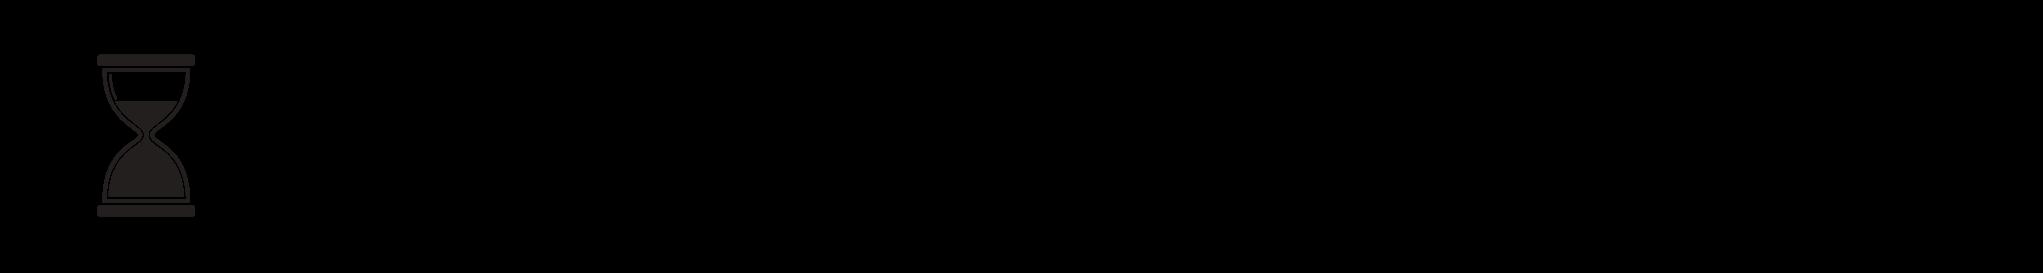 Kairoticast